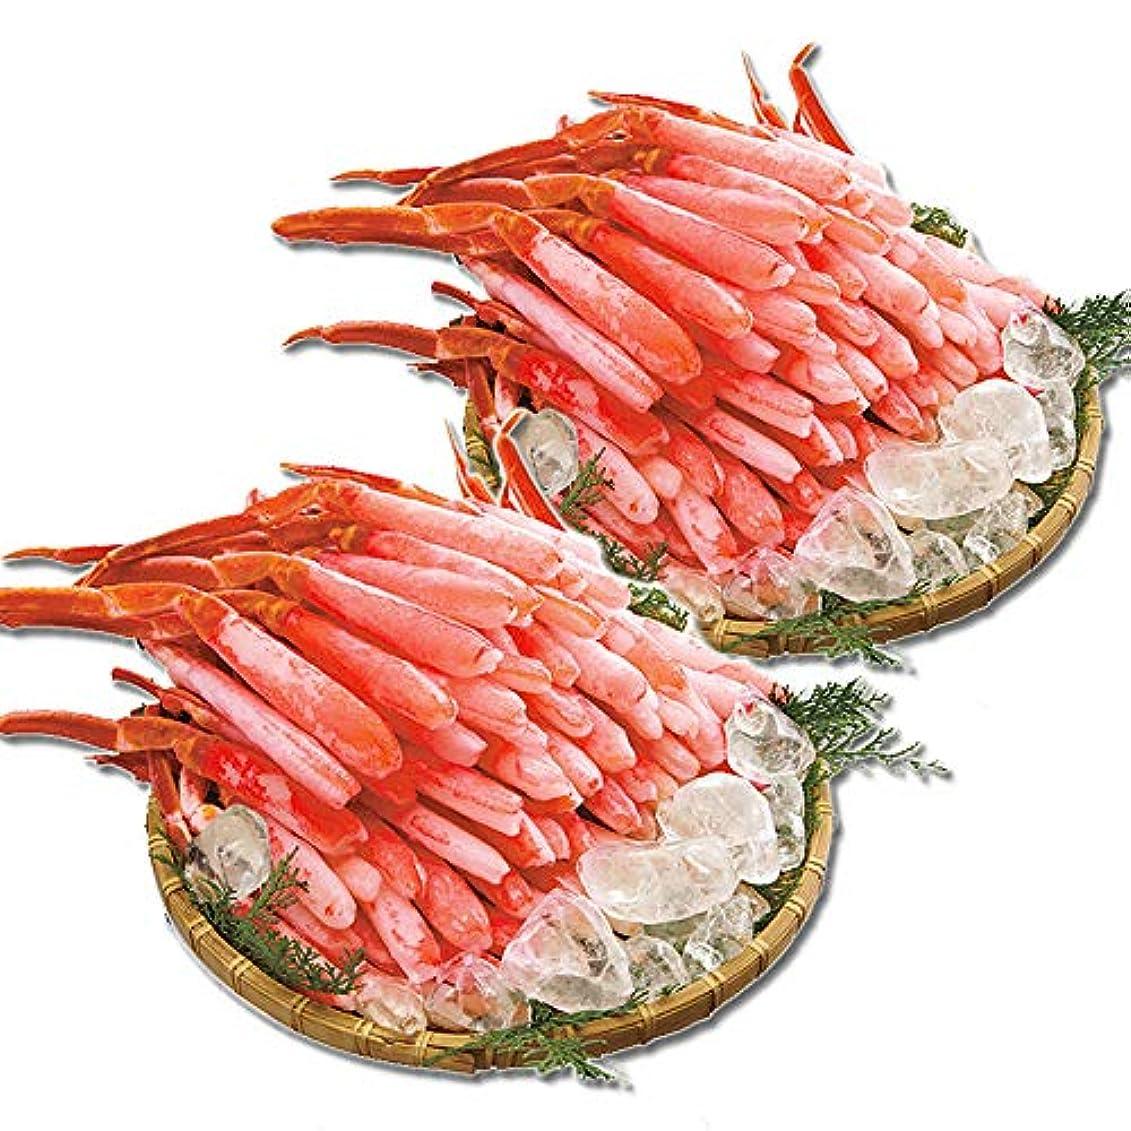 ビリーヤギ倉庫冷えるかに カニ 蟹 ズワイガニ ずわい ポーション むき身 2kg かにしゃぶ 刺身 鍋 生 北国 北海道産 国産